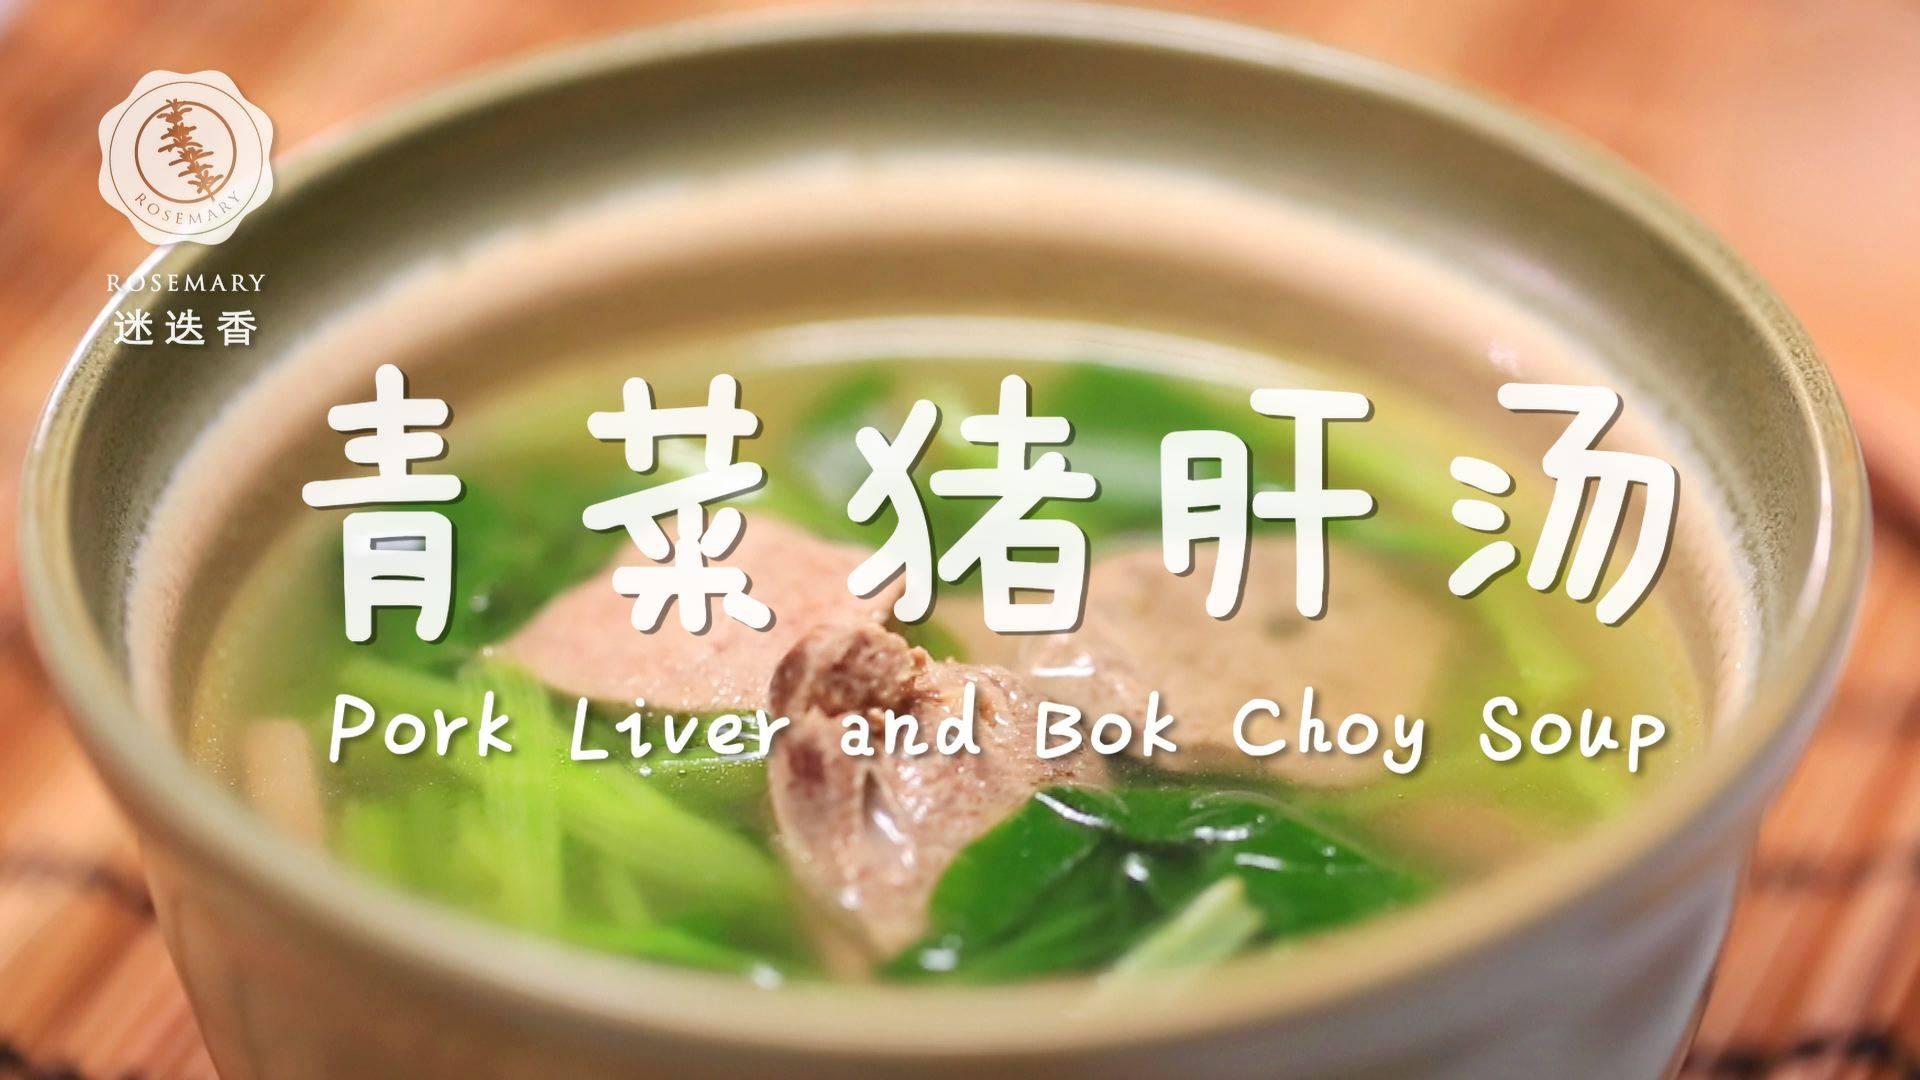 春日必备青菜猪肝汤,排毒养颜喝出好气色!